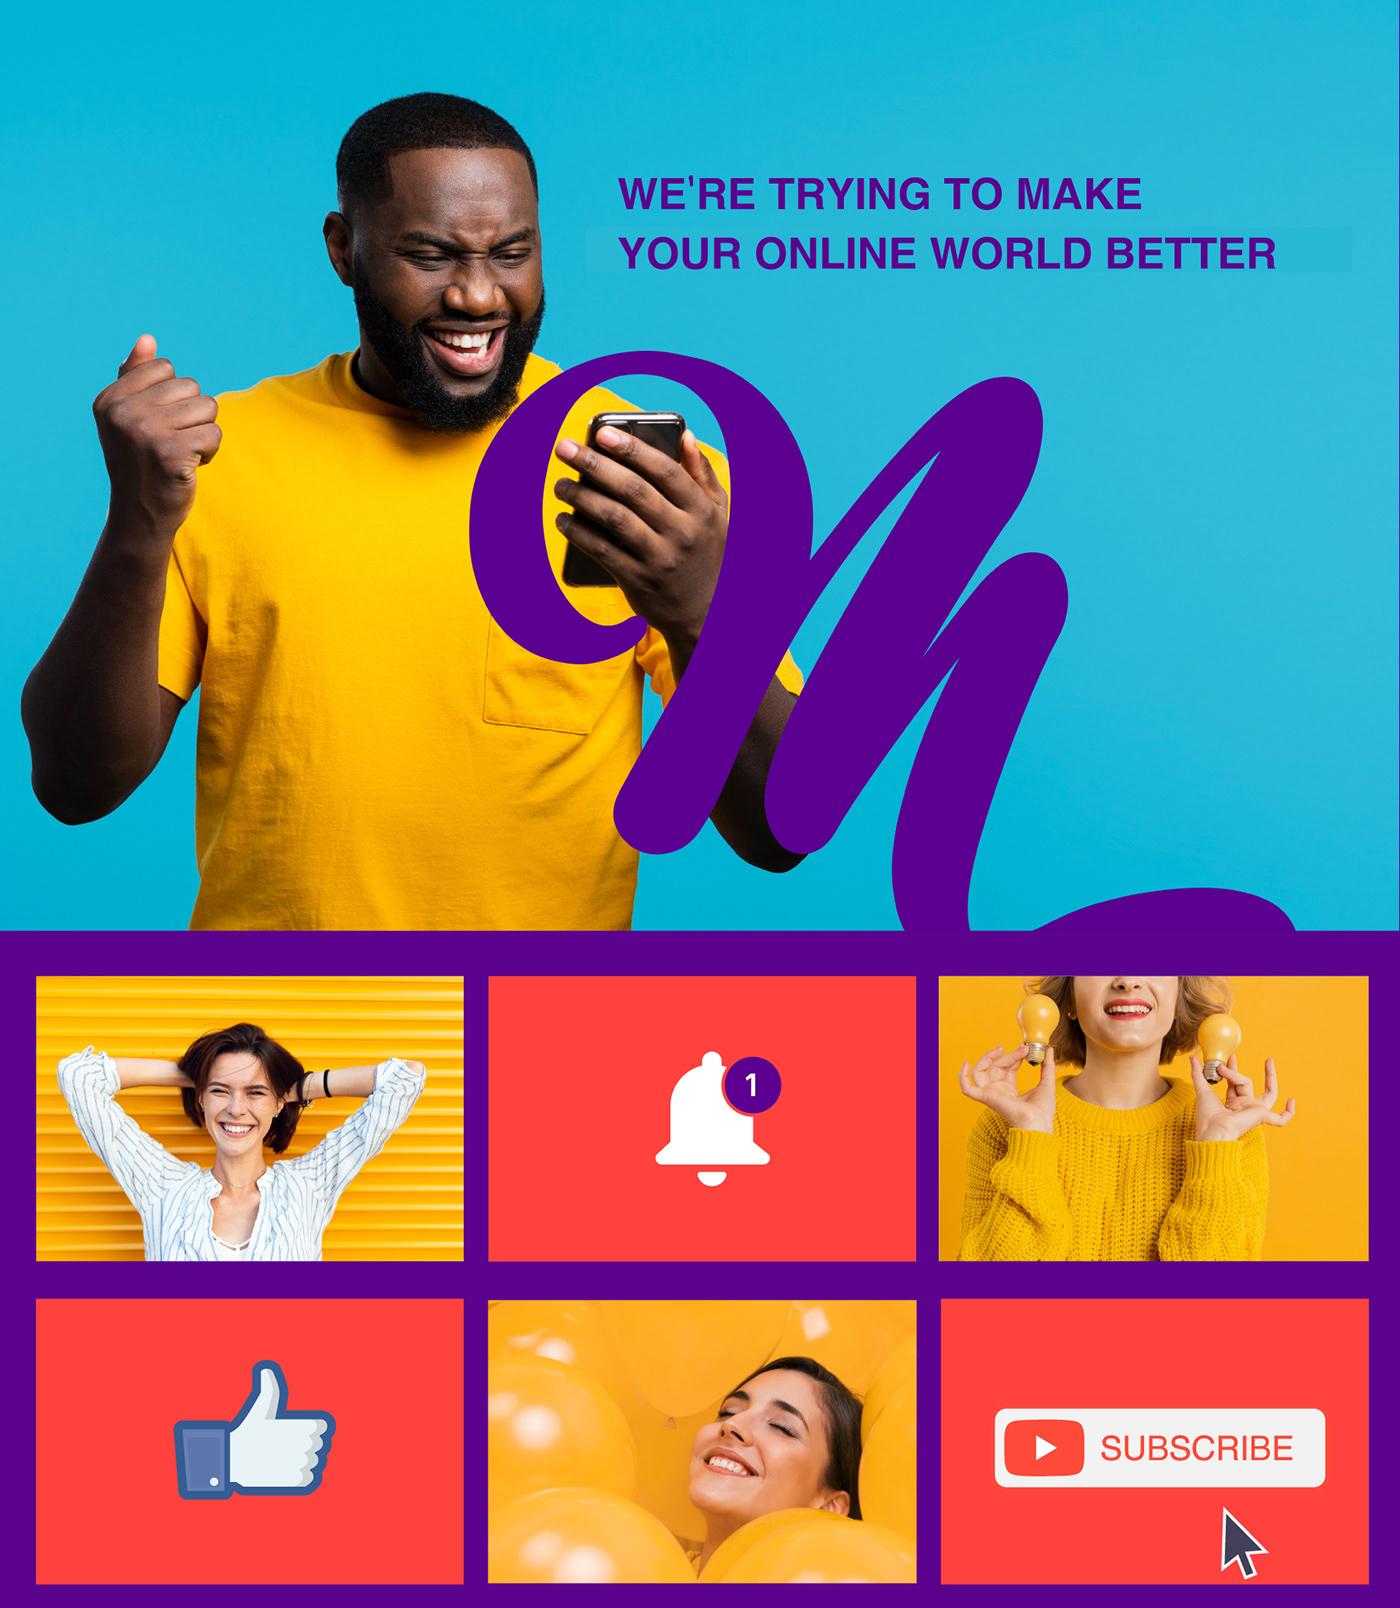 brand branding  Calligraphy   graphic design  ILLUSTRATION  media Mediastaa rebranding social media Youtube Channel